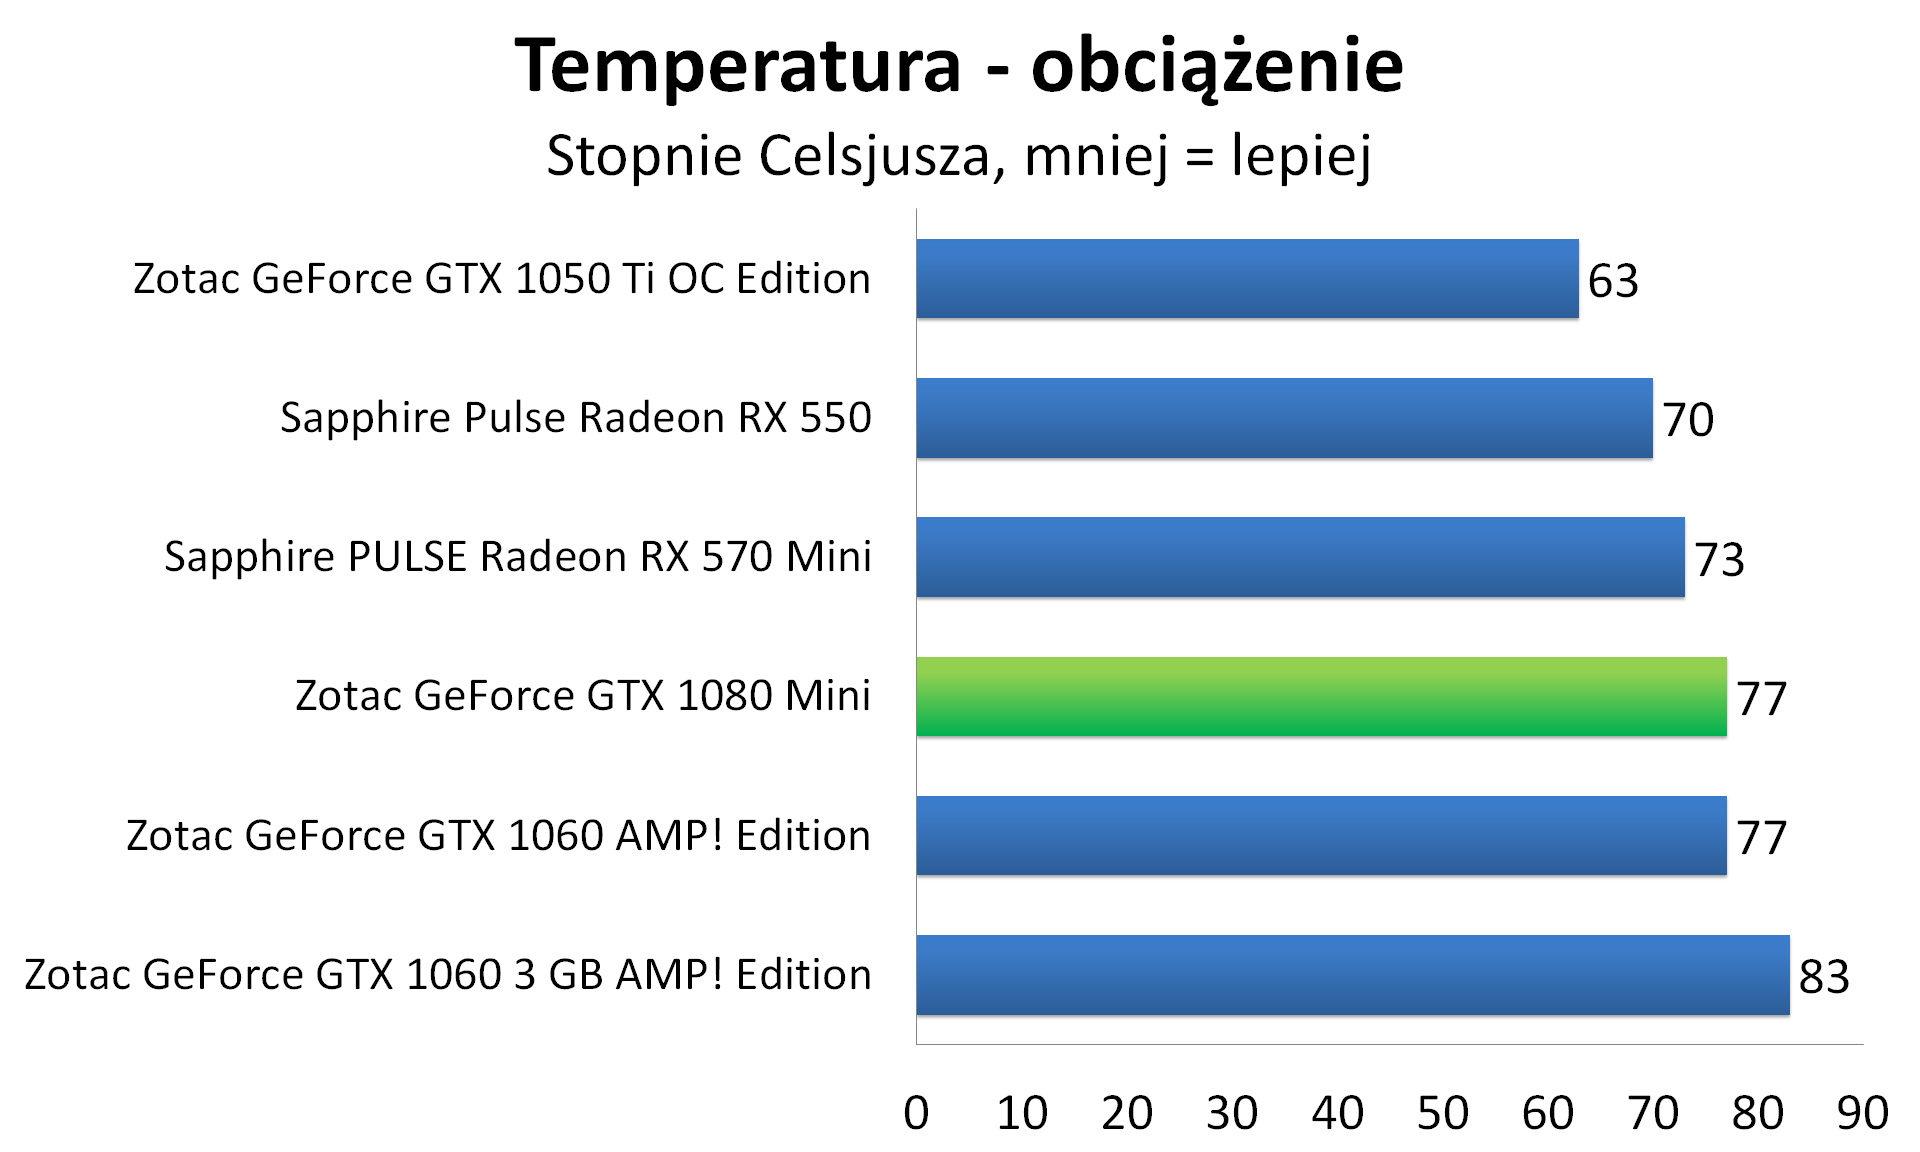 Zotac GeForce GTX 1080 Mini - Temperatura - obciążenie